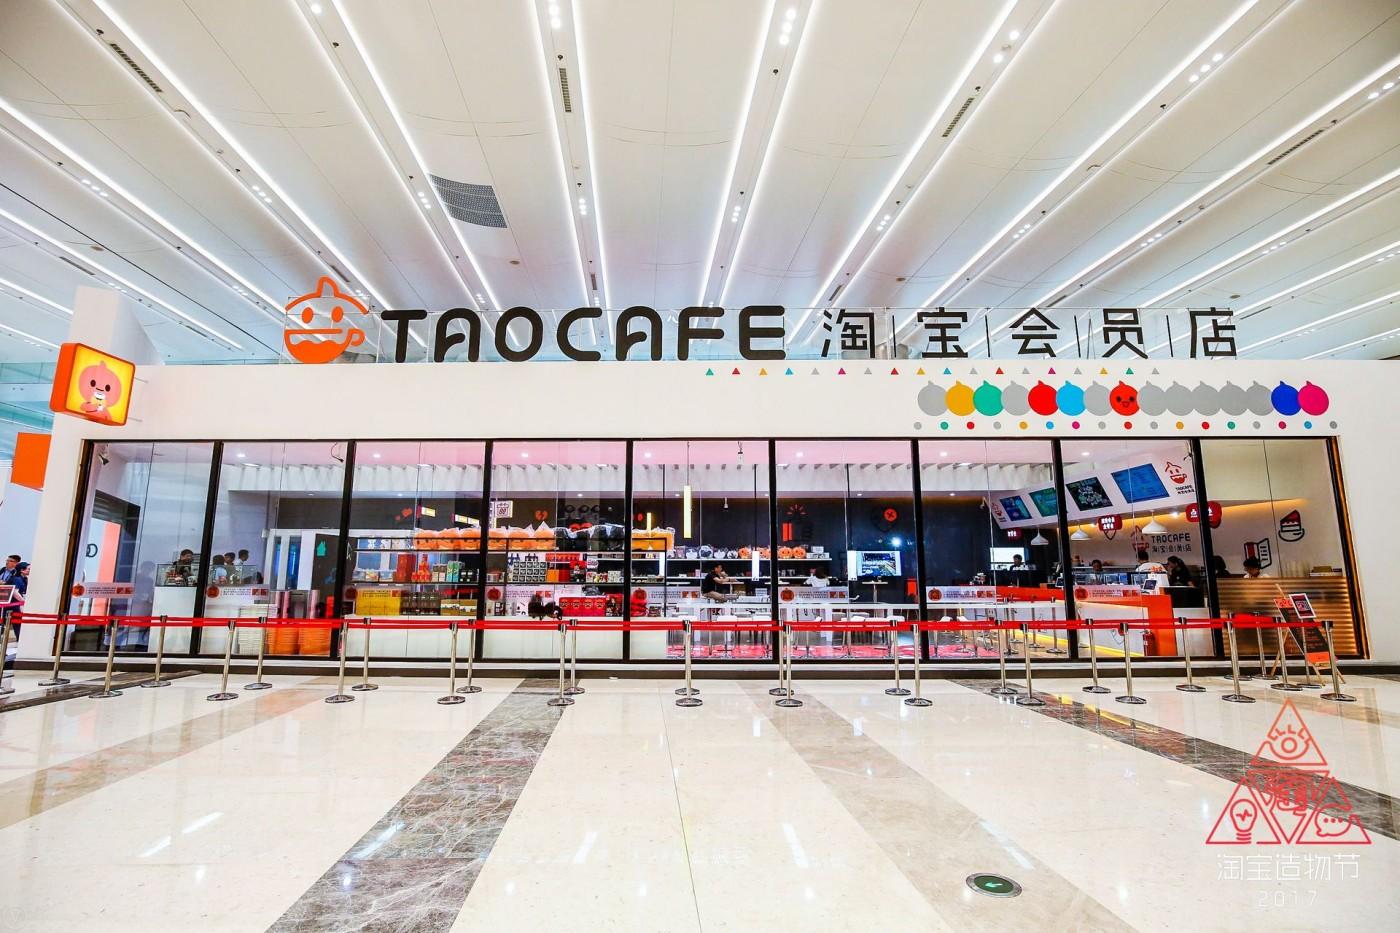 【杭州現場】無人零售店「淘咖啡」首度亮相,阿里巴巴:我們想讓線下零售業刺激一點